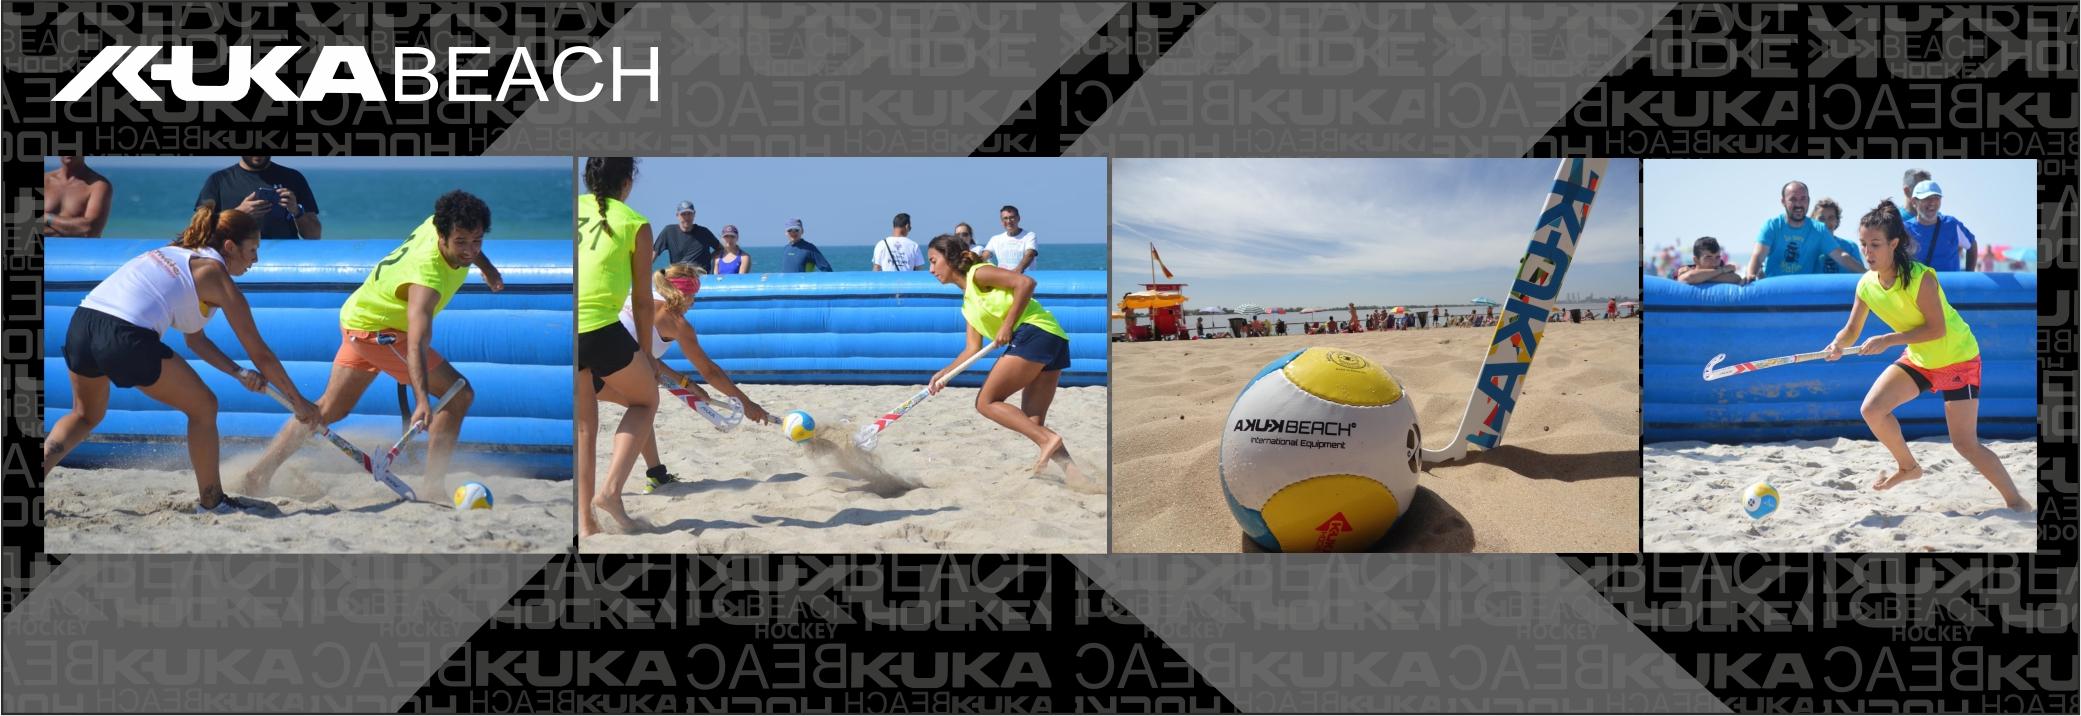 beach_banners_002.jpg